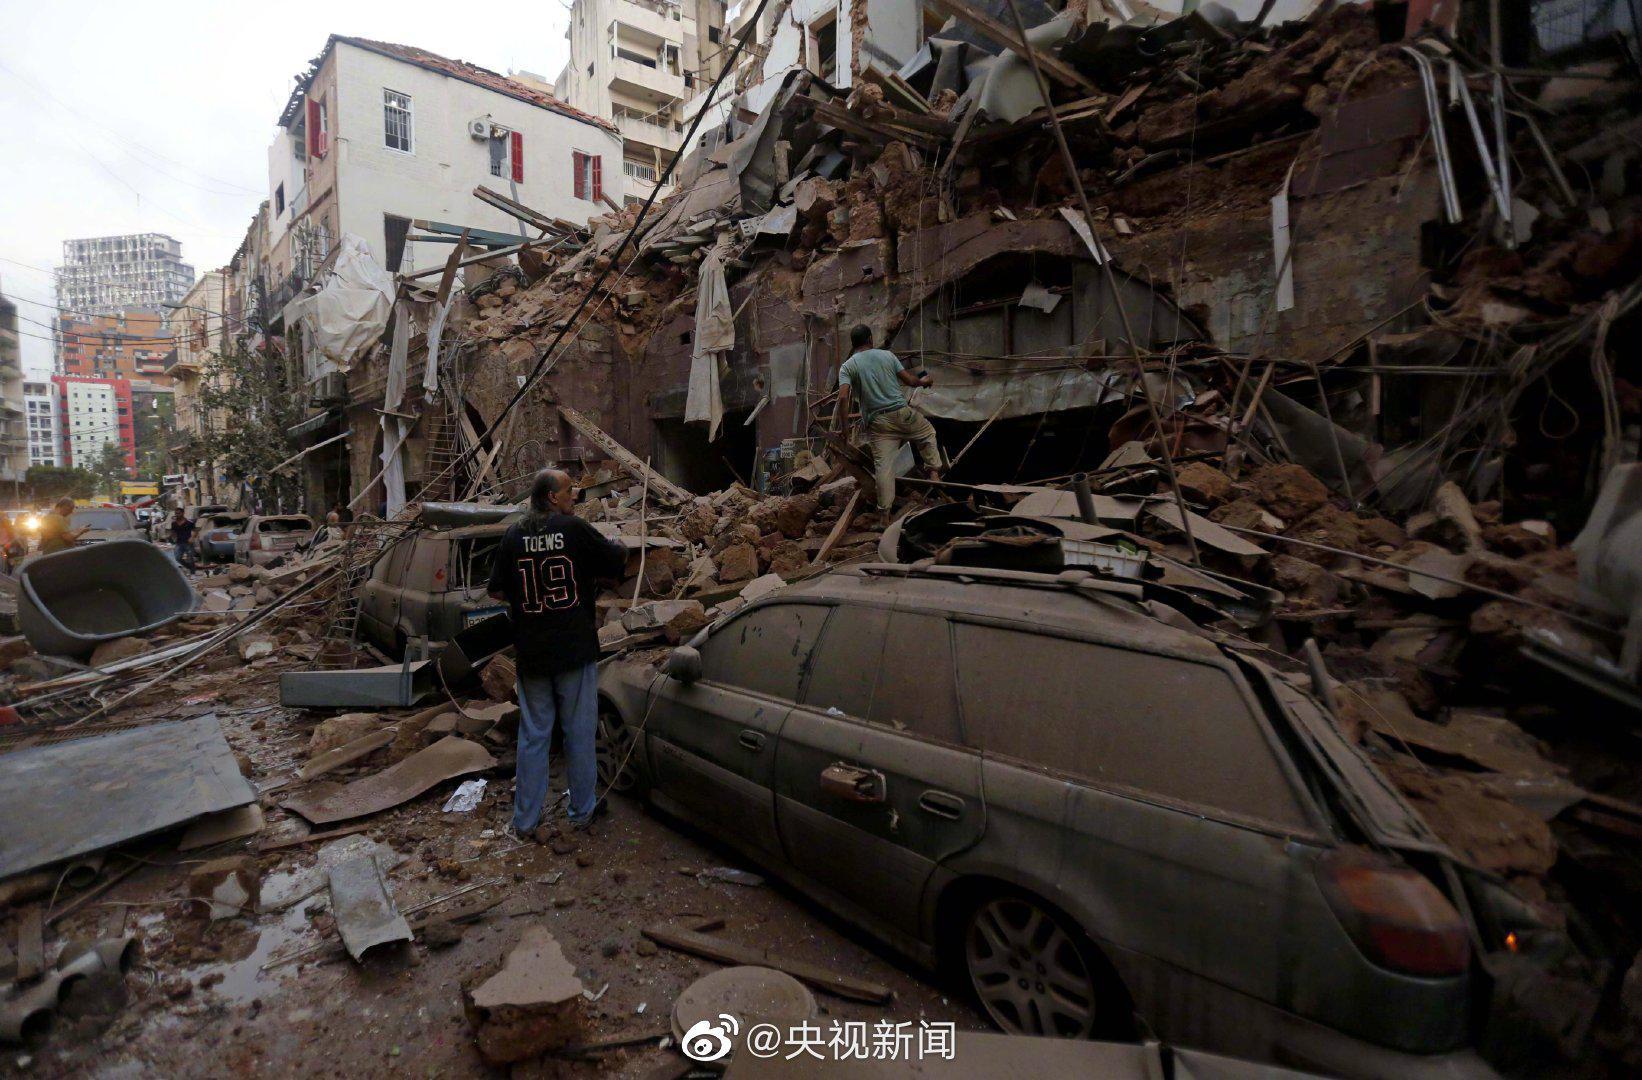 黎巴嫩首都爆炸致135死5000伤 另有数十人失踪